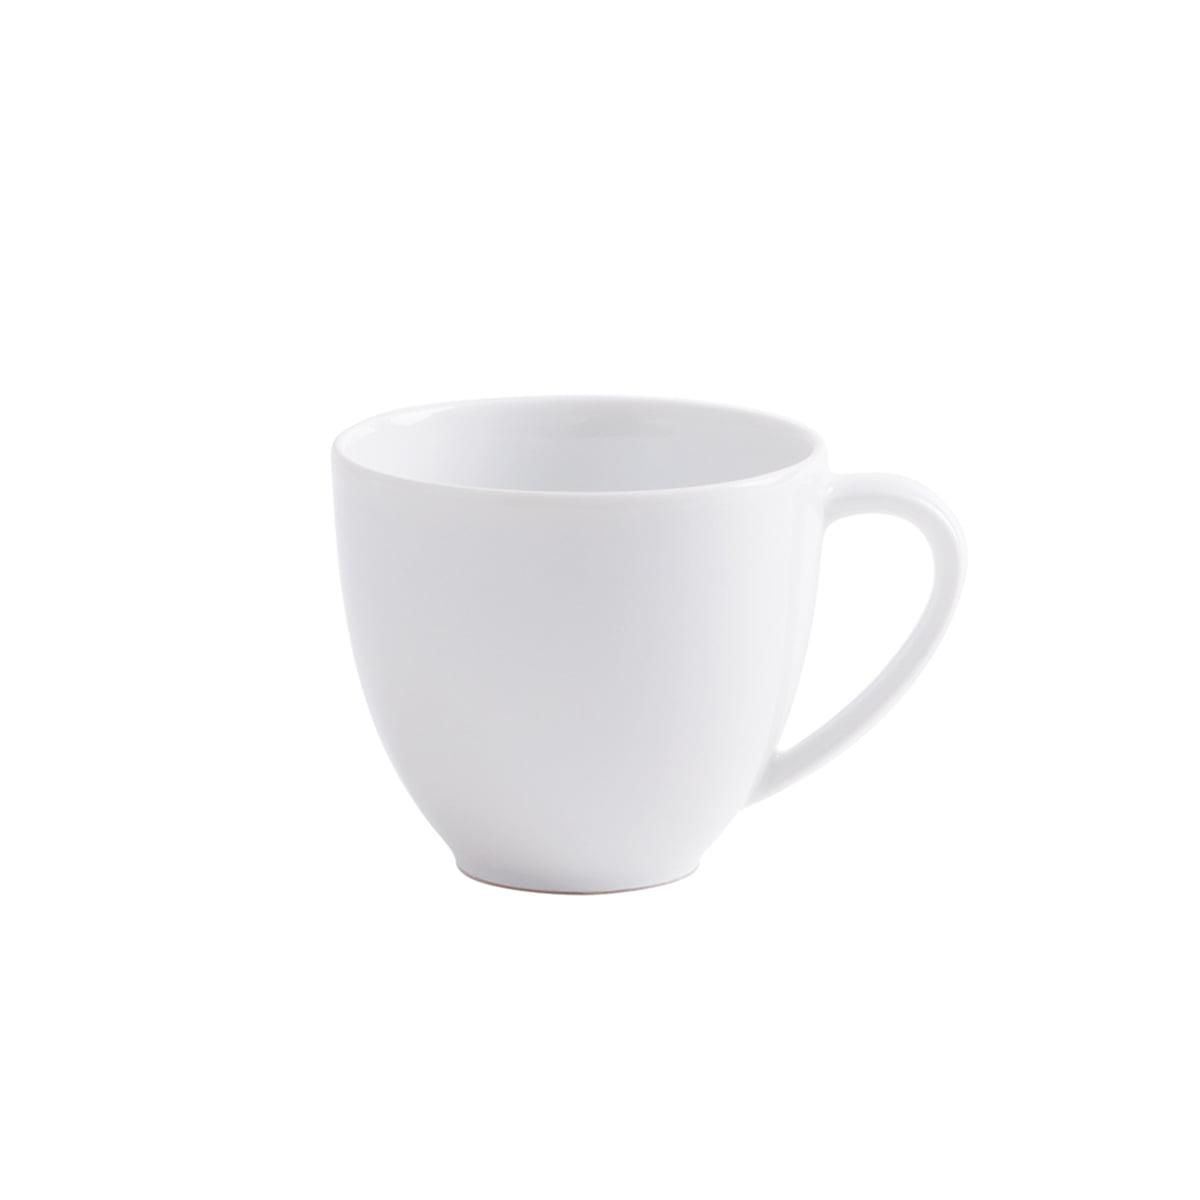 Magic Grip Espresso- / Mocca-Obertasse, weiß